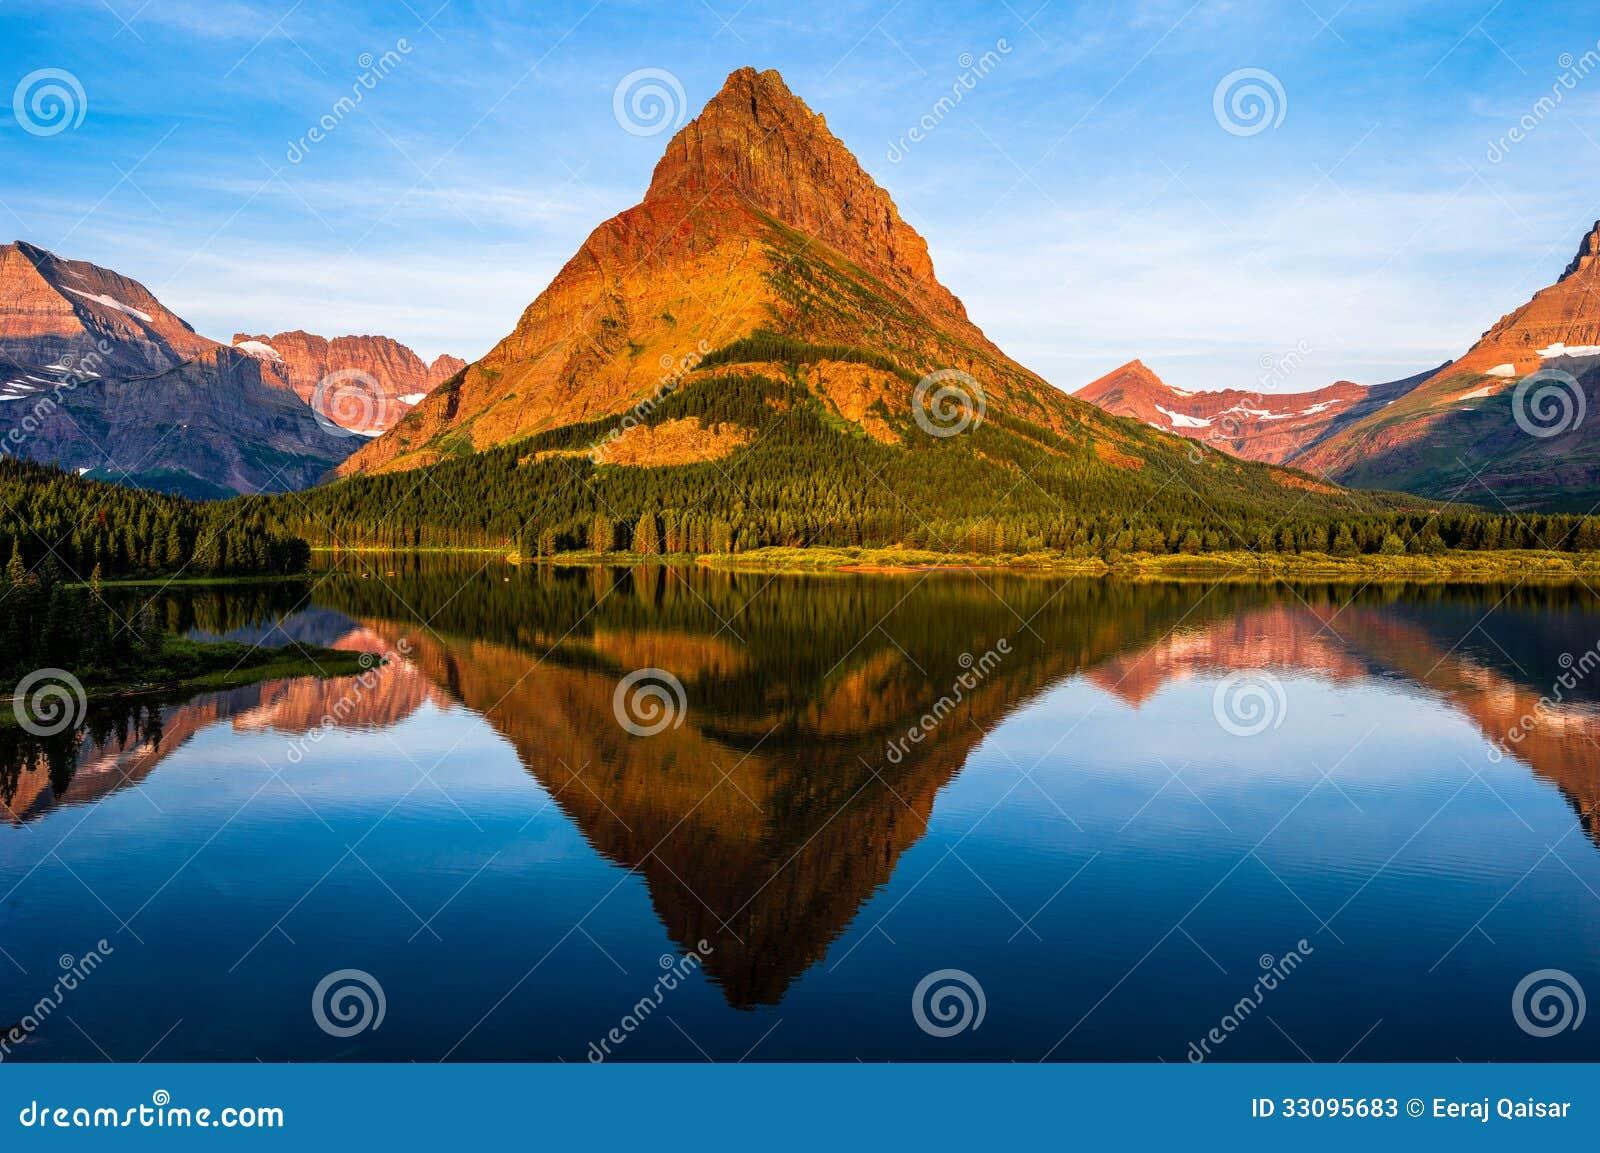 swiftcurrent lake sunrise montana stock image image of lake